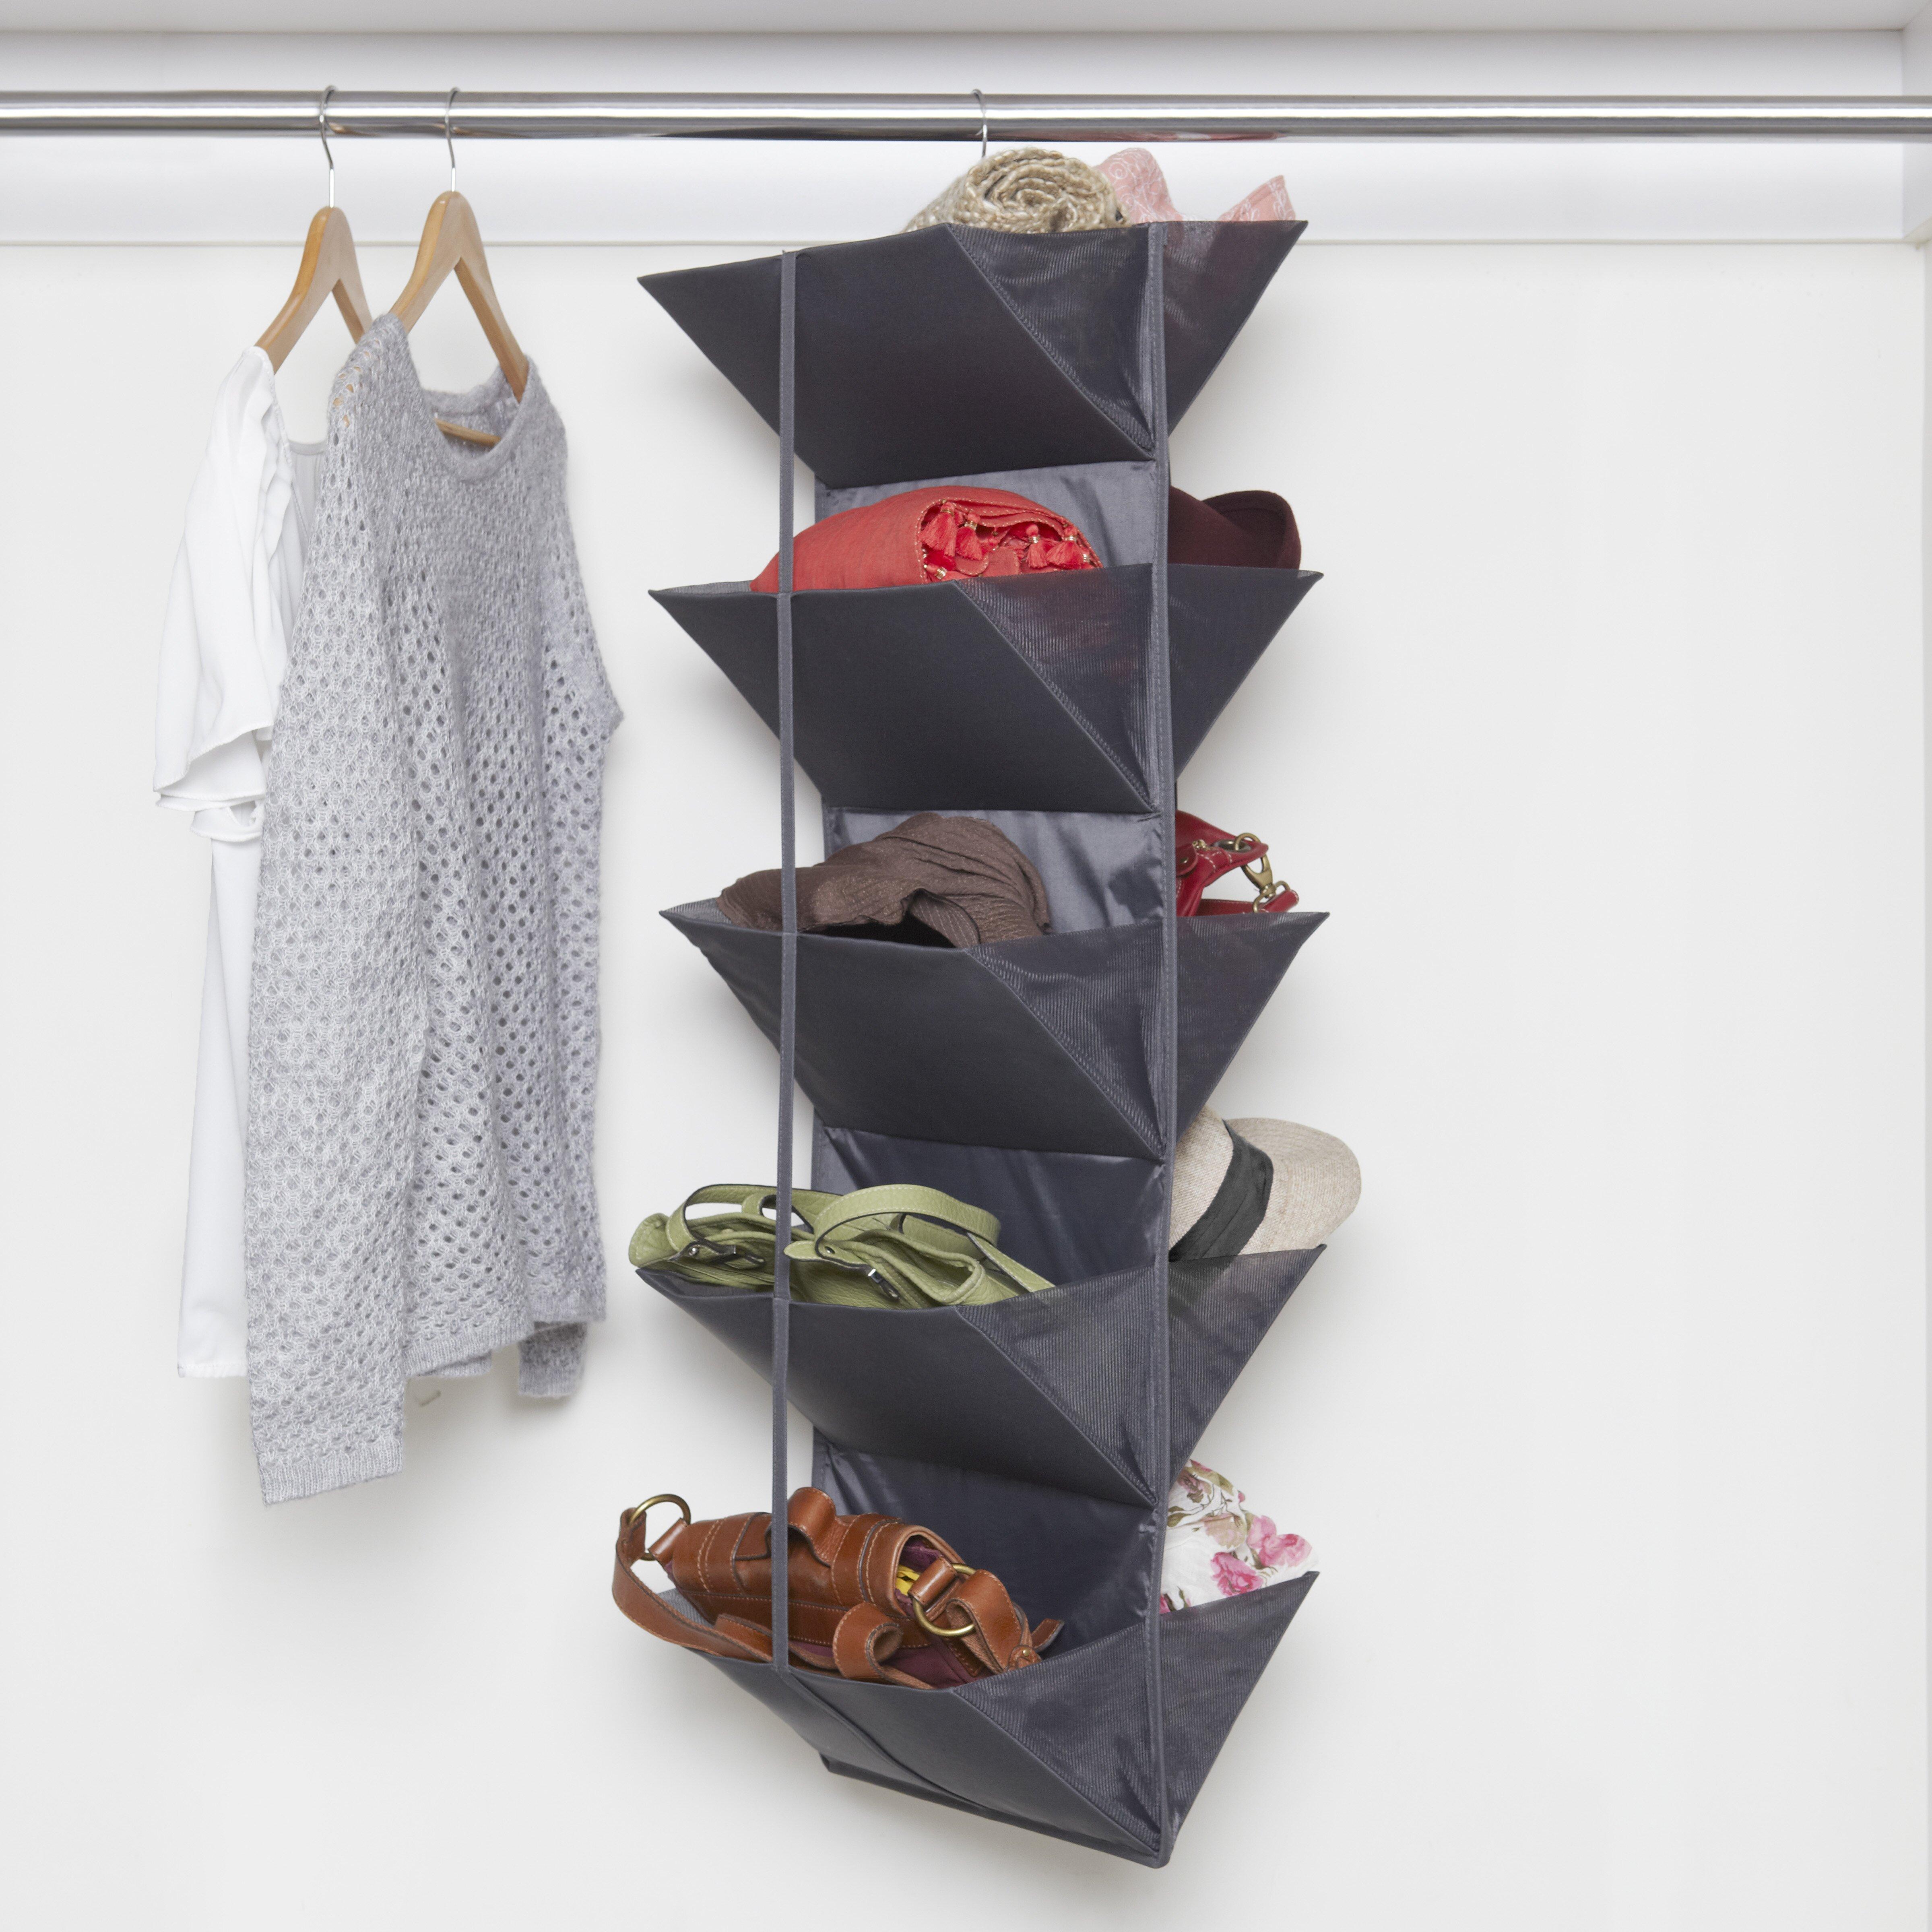 Umbra enfold 10 pocket hanging shoe organizer reviews for 12 pocket over the door shoe organizer